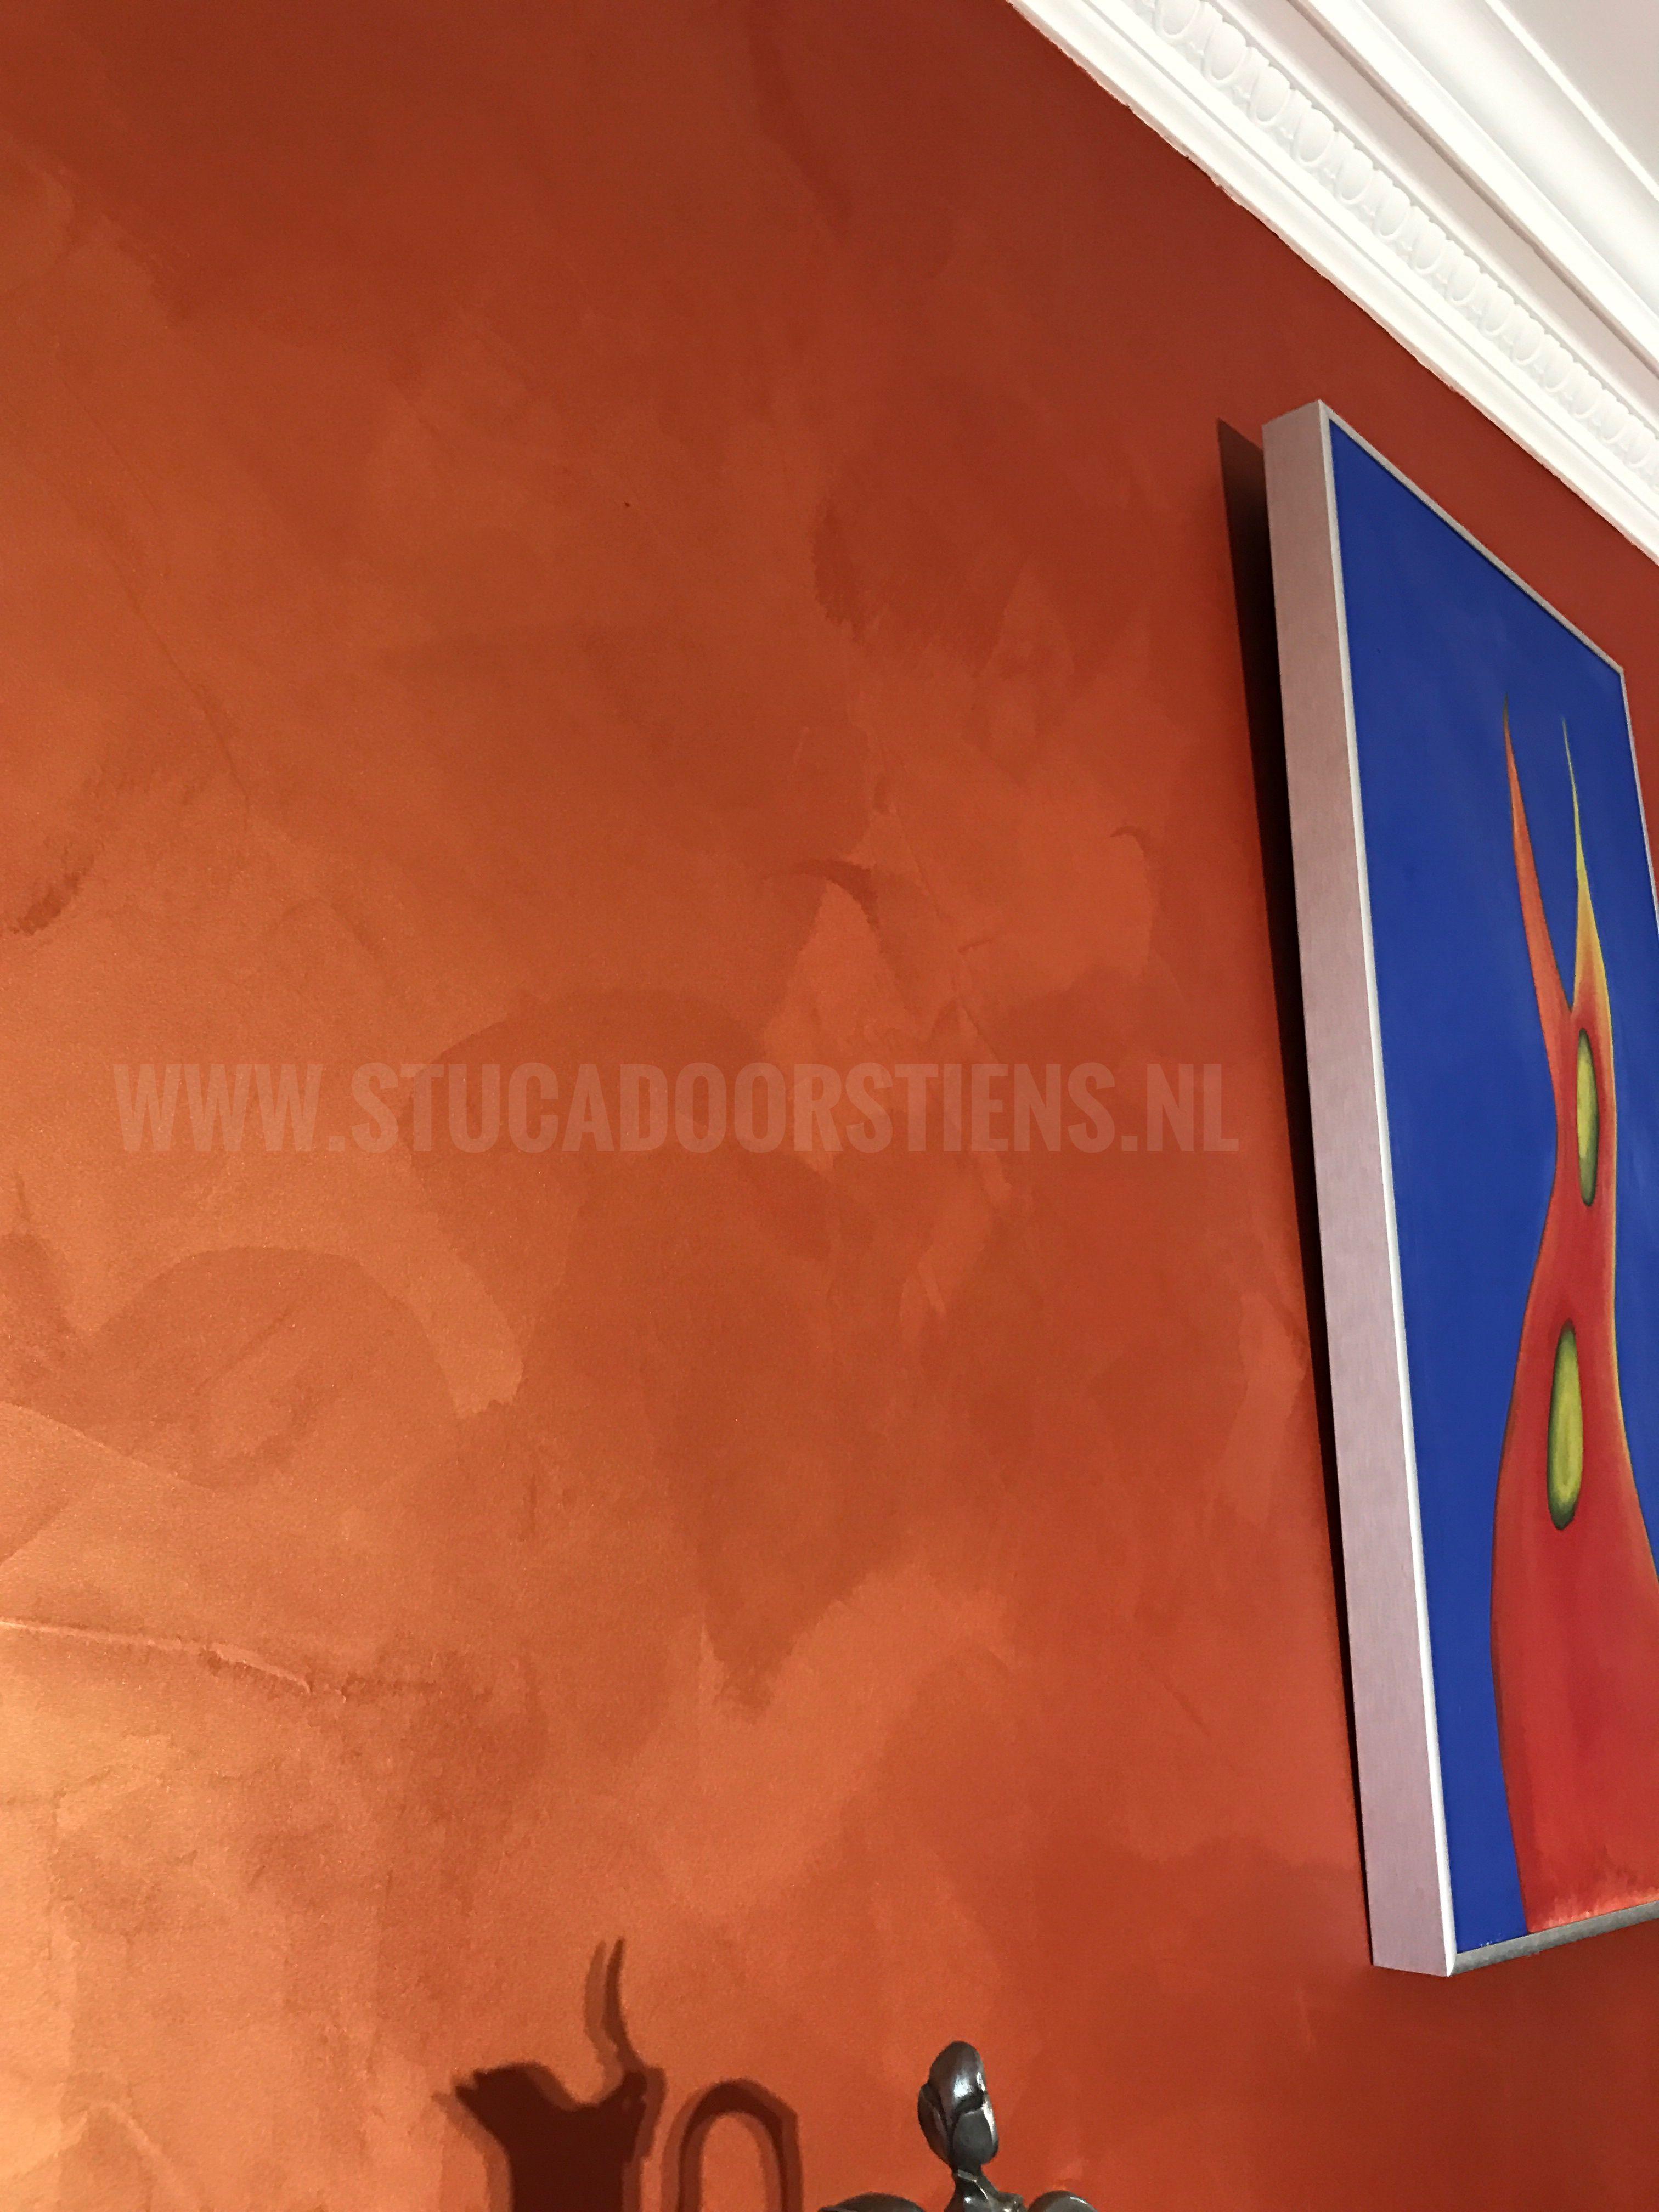 #stucco #brons #metallic #exclusivedesign  www.stucadoorstiens.nl